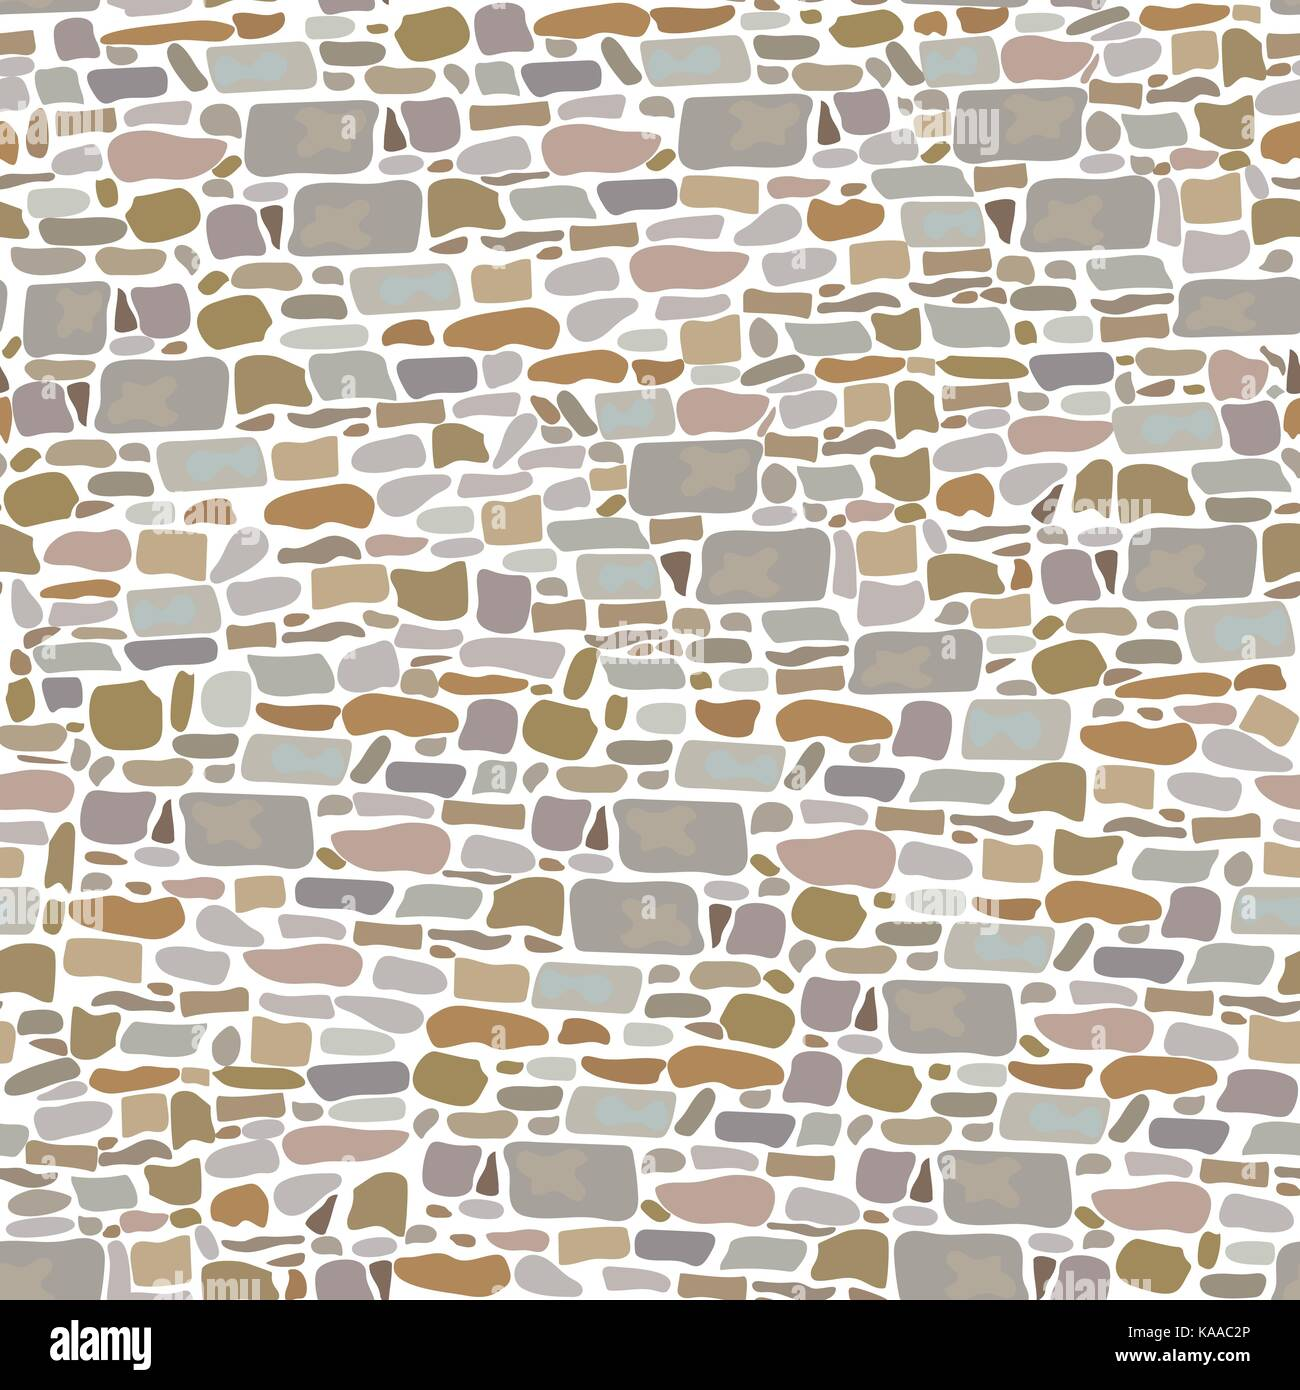 Stein Block Wand, Nahtlose Muster. Hintergrund Aus Wilden Steine. Grau,  Rot, Sand, Gelb, Braun,